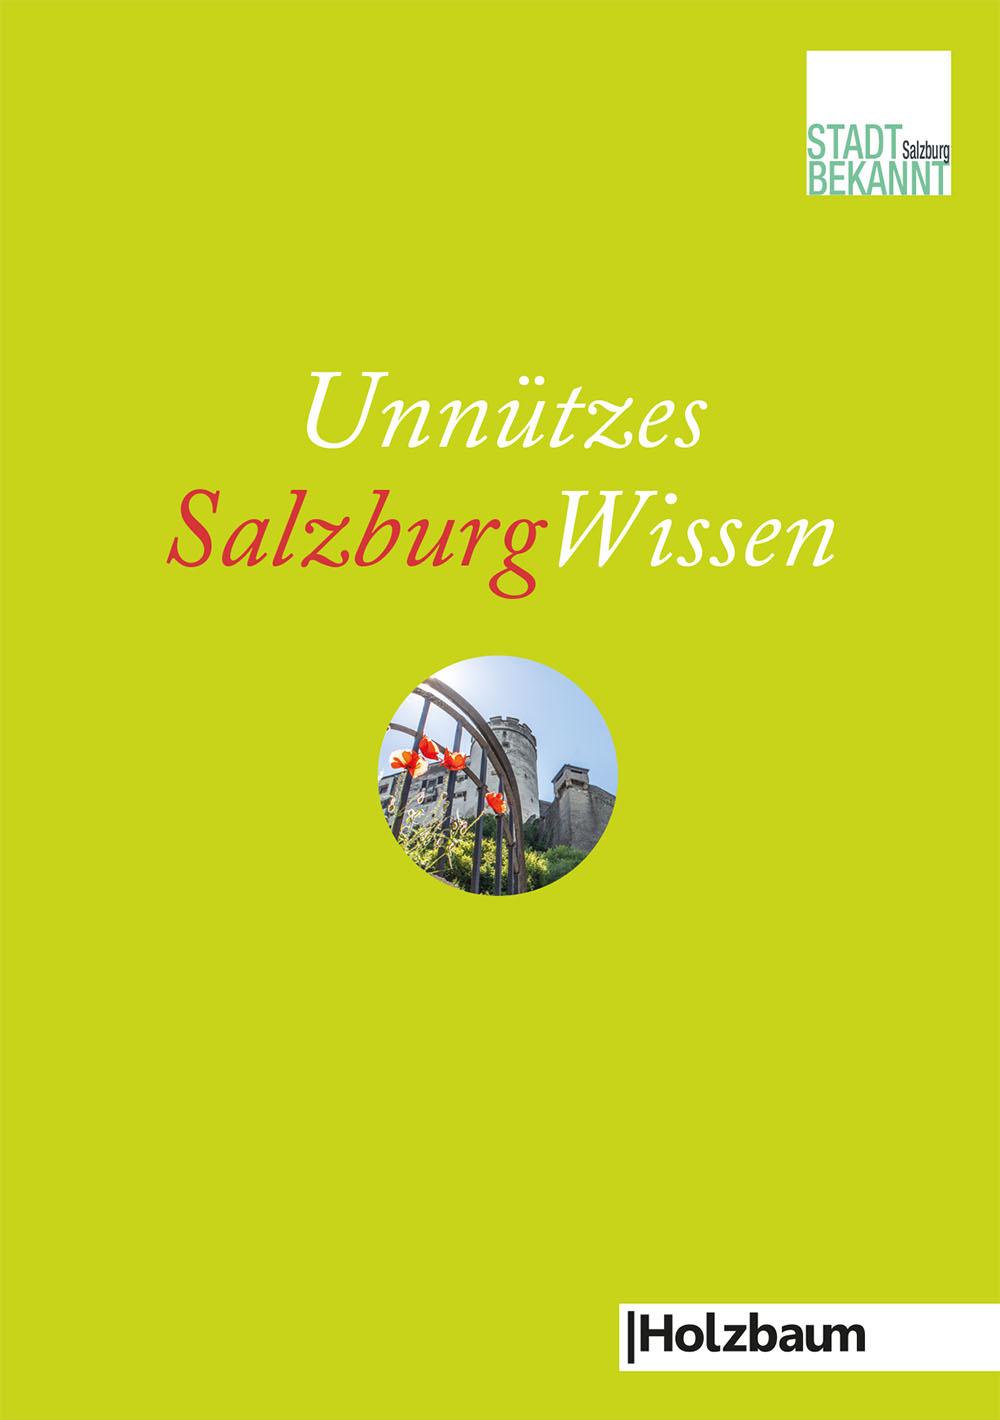 UnnützesSalzburgWissen - Cover (c) STADTBEKANNT